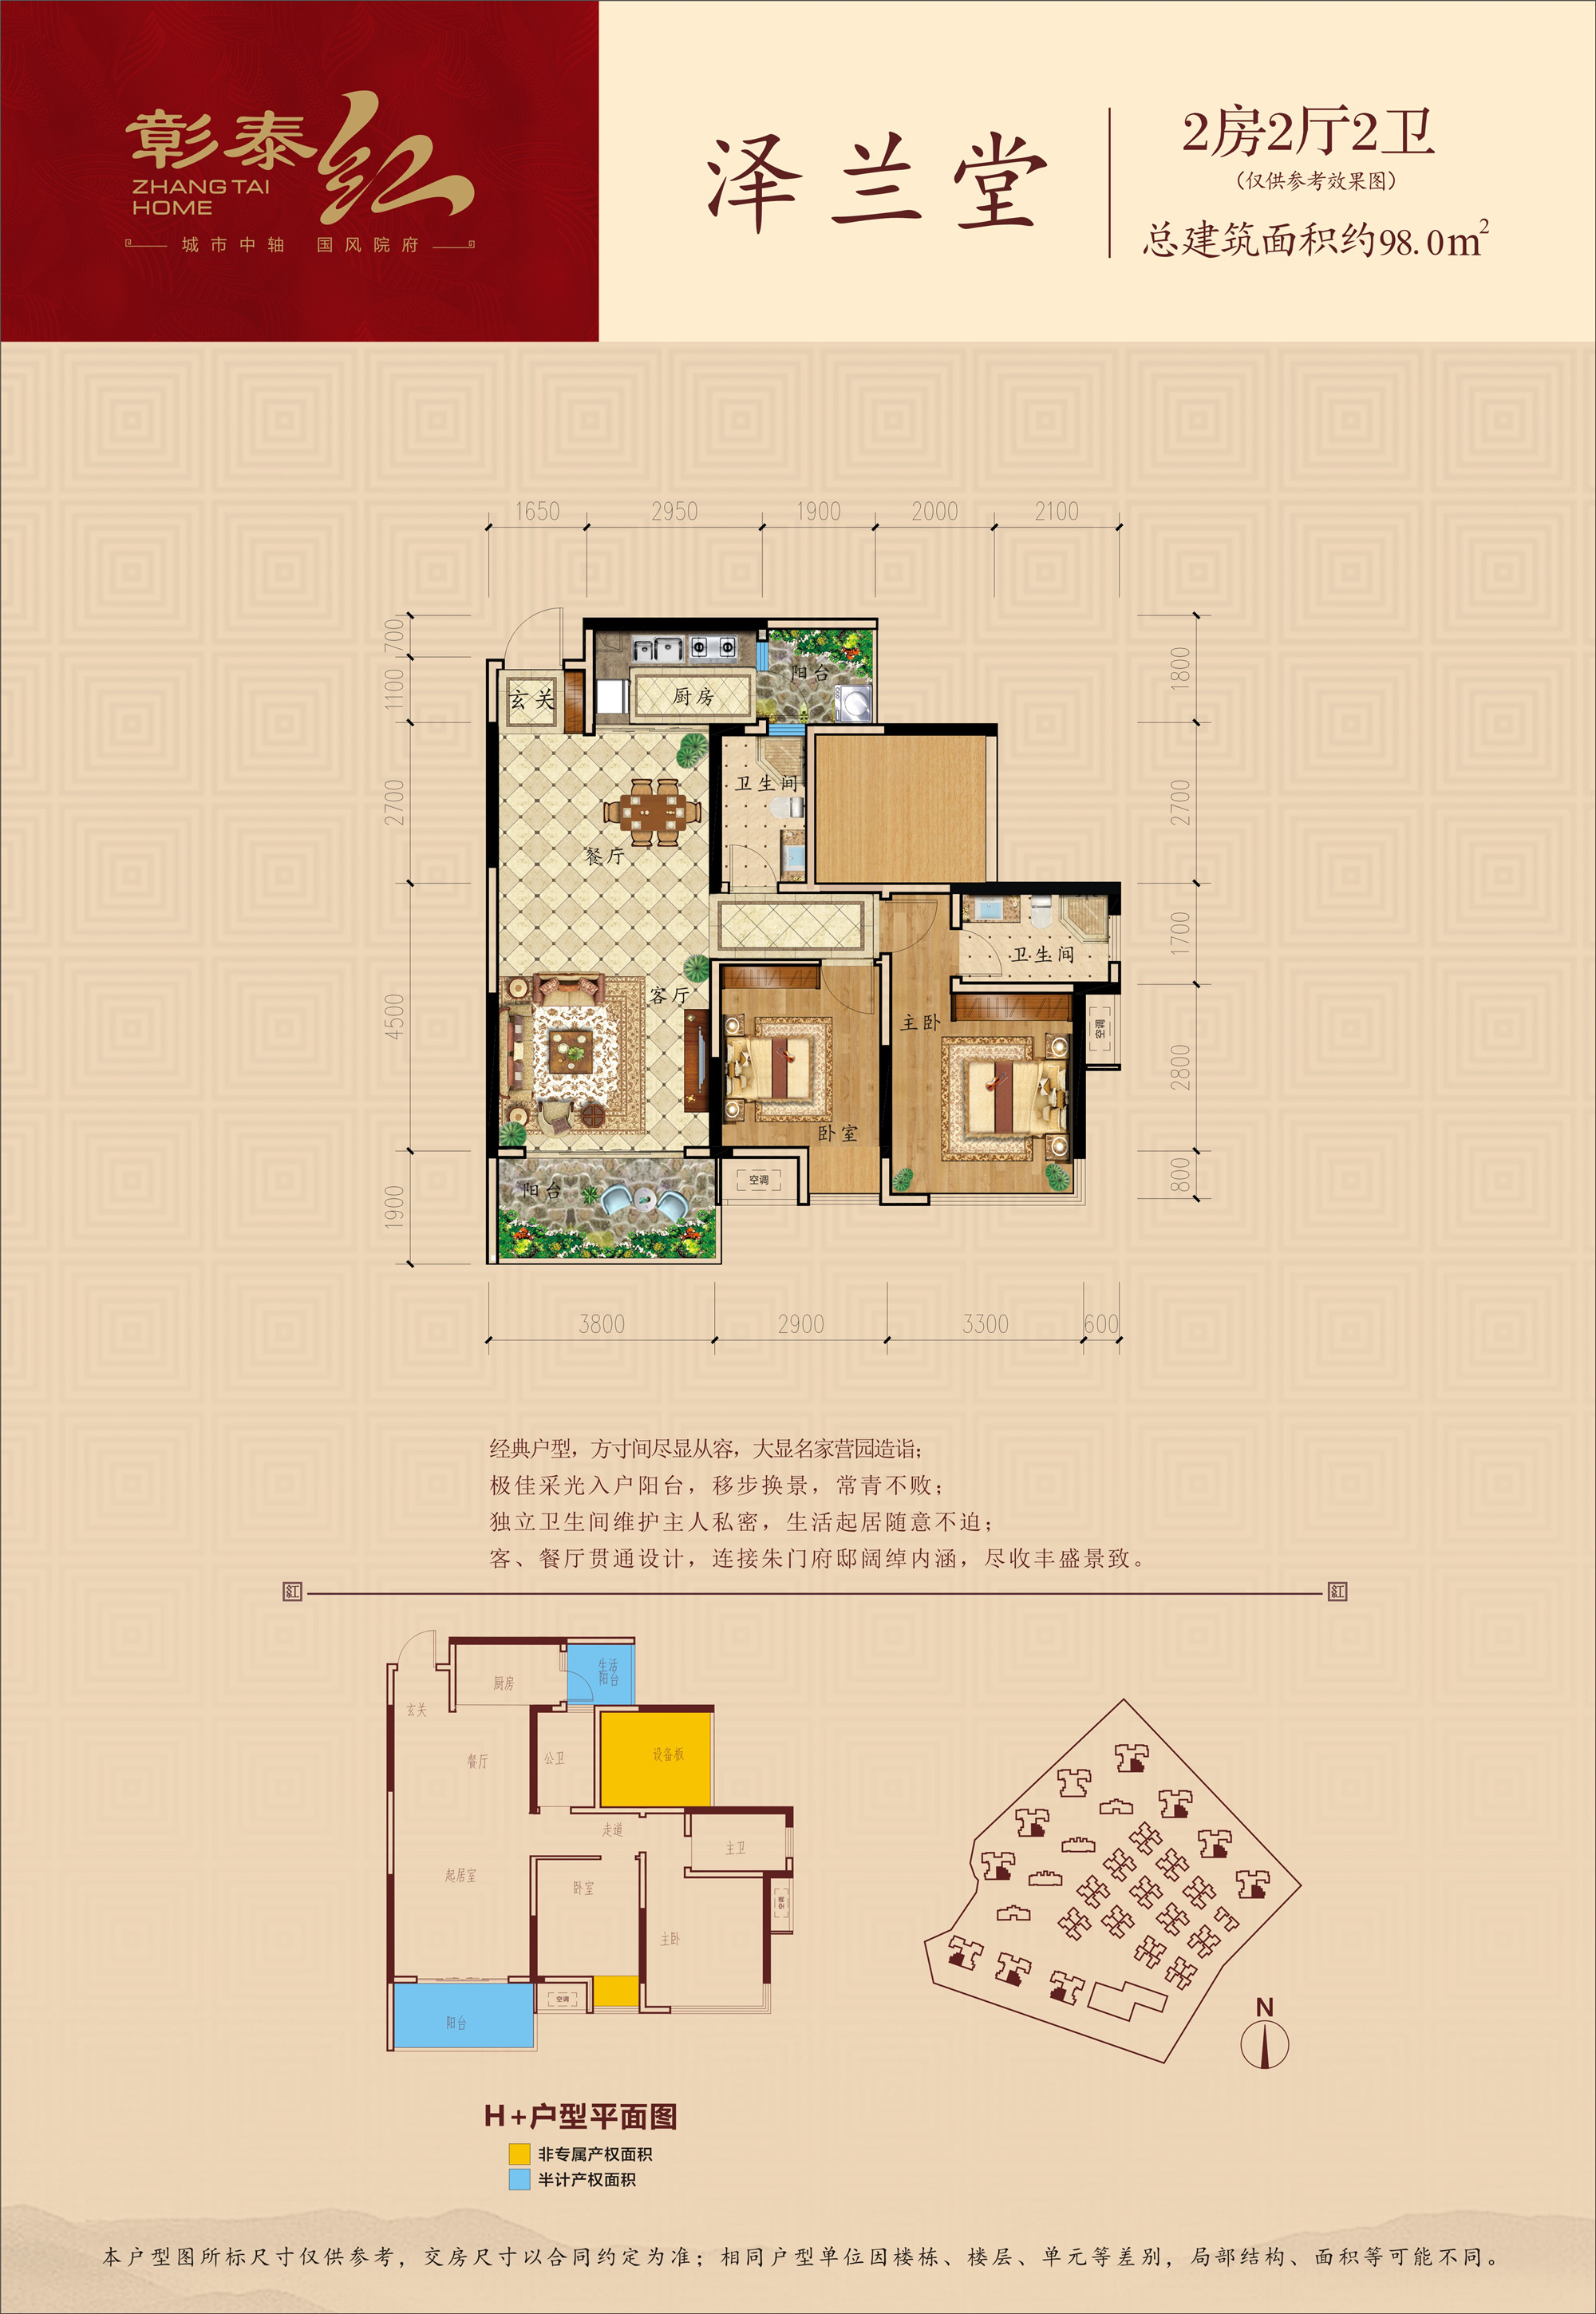 0522-H 高层户型图